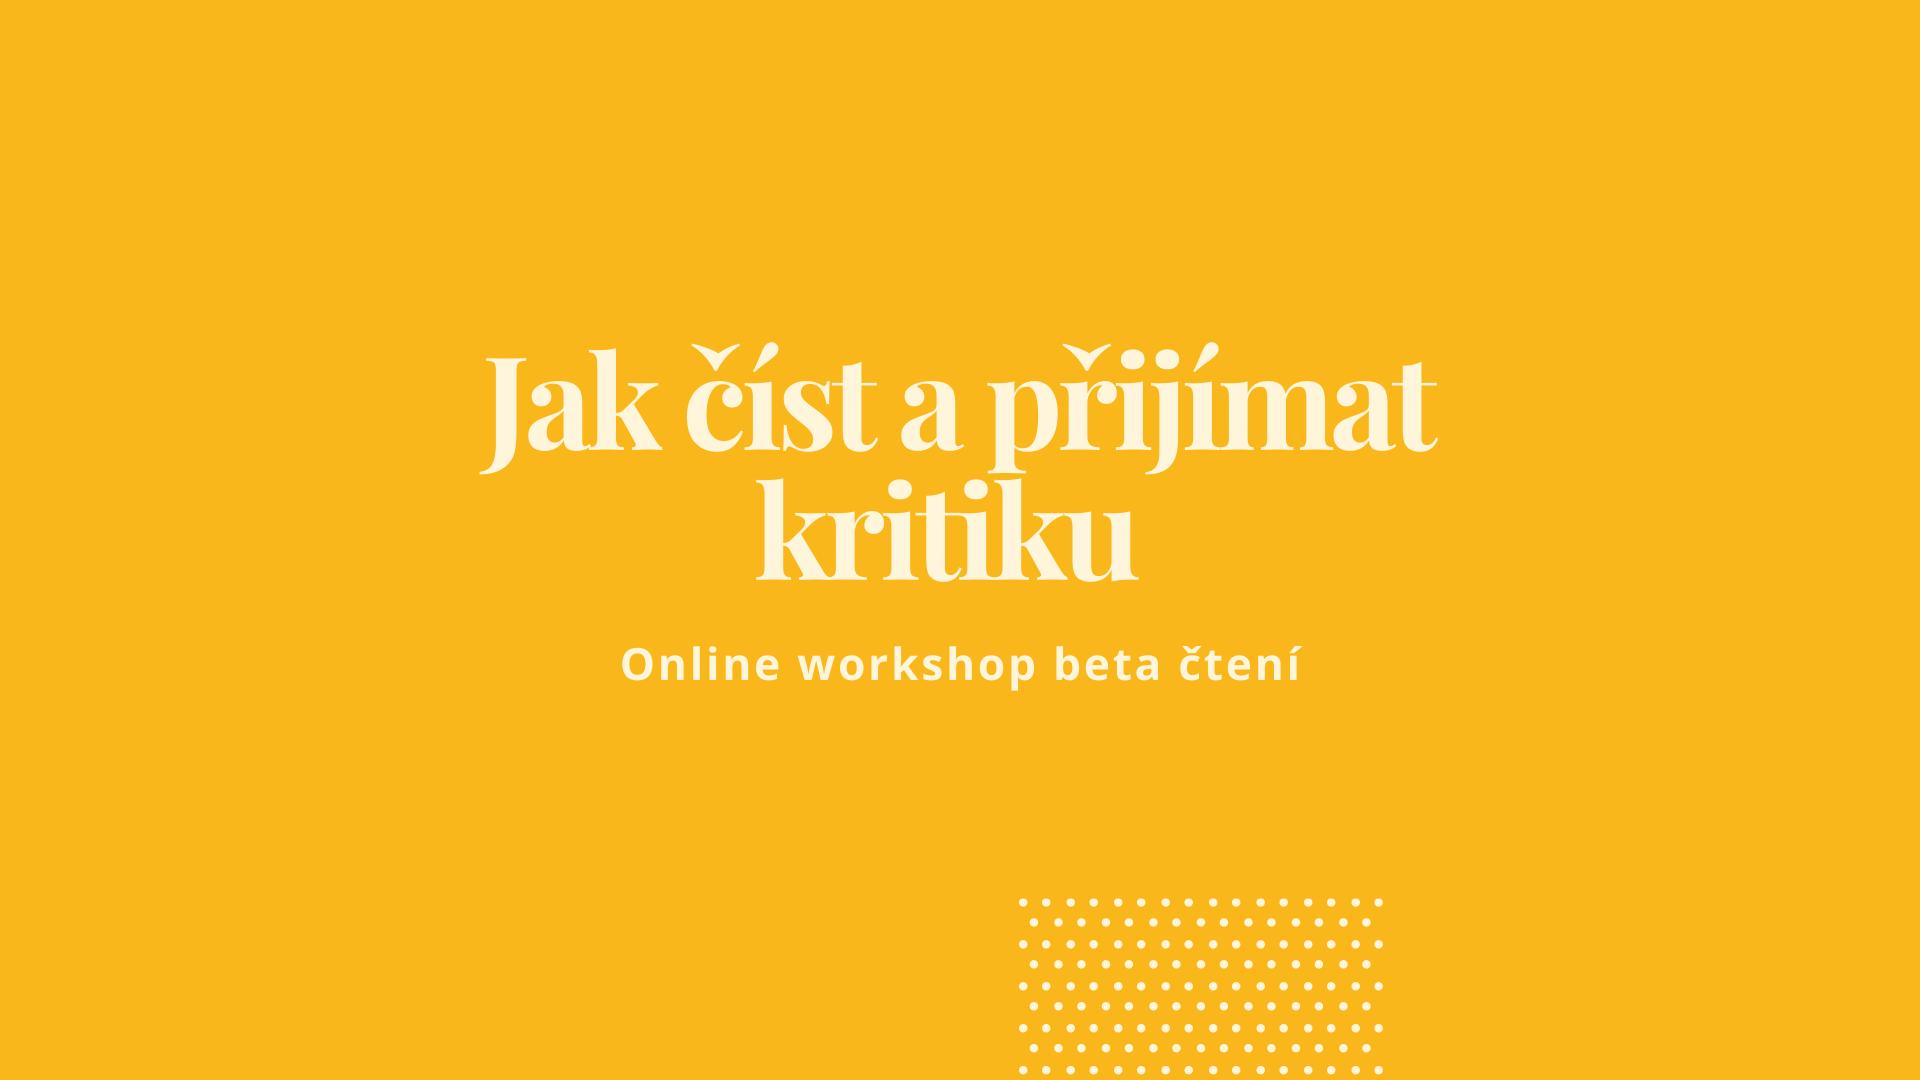 Workshop beta čtení